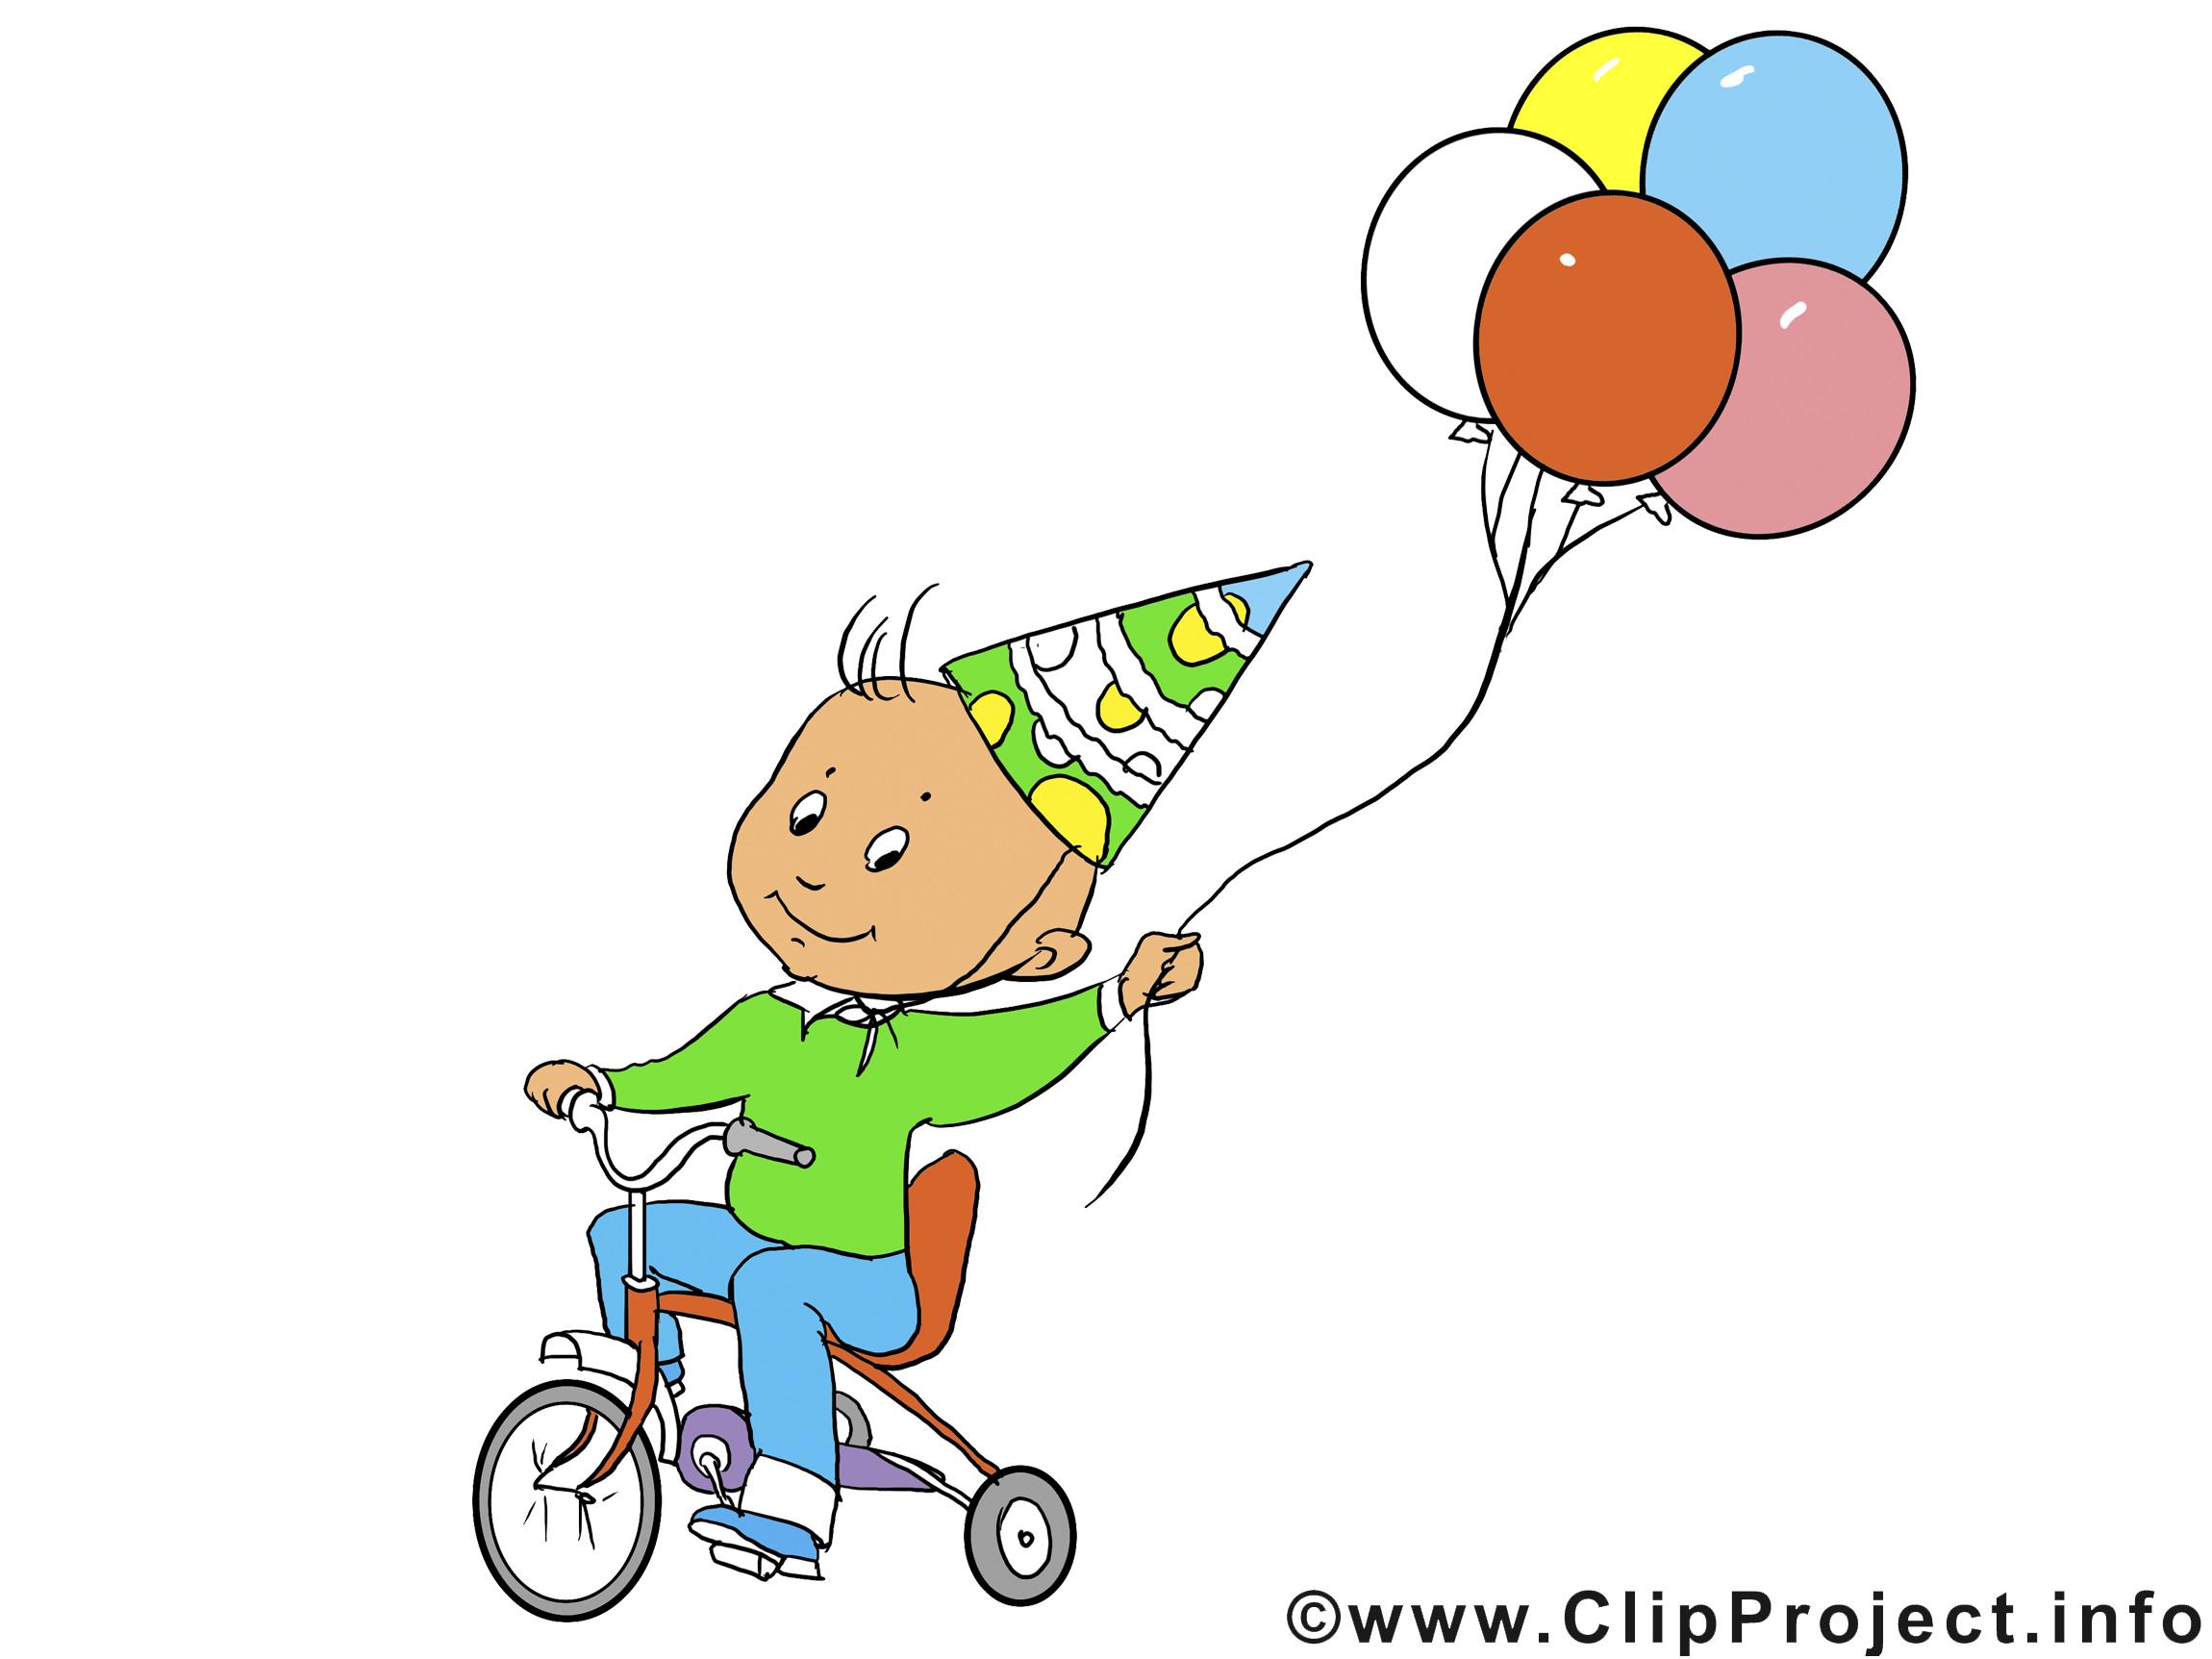 Geburtstagskarten Ausdrucken  ic Geburtstagskarten ausdrucken